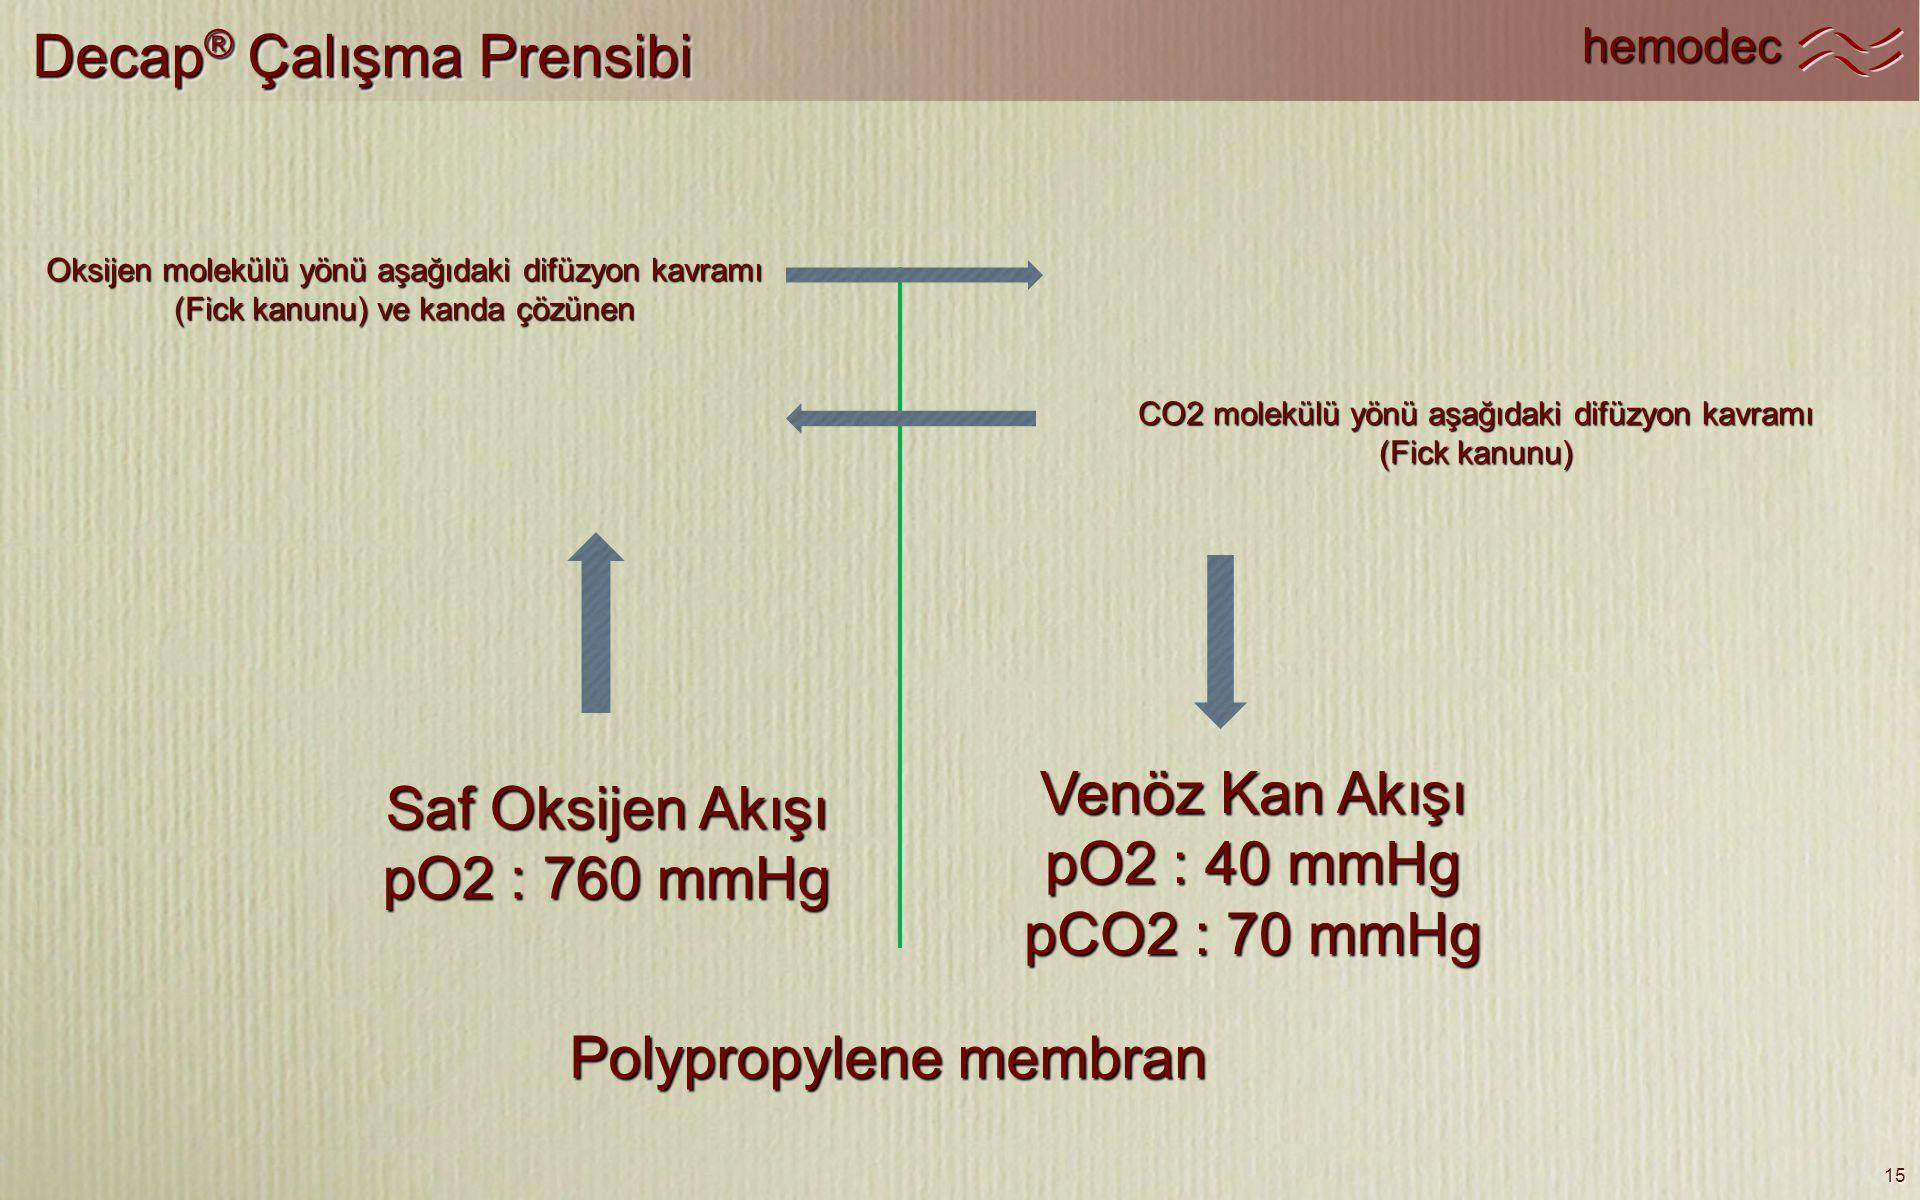 hemodec 15 Decap ® Çalışma Prensibi Polypropylene membran Saf Oksijen Akışı pO2 : 760 mmHg Venöz Kan Akışı pO2 : 40 mmHg pCO2 : 70 mmHg Oksijen molekü